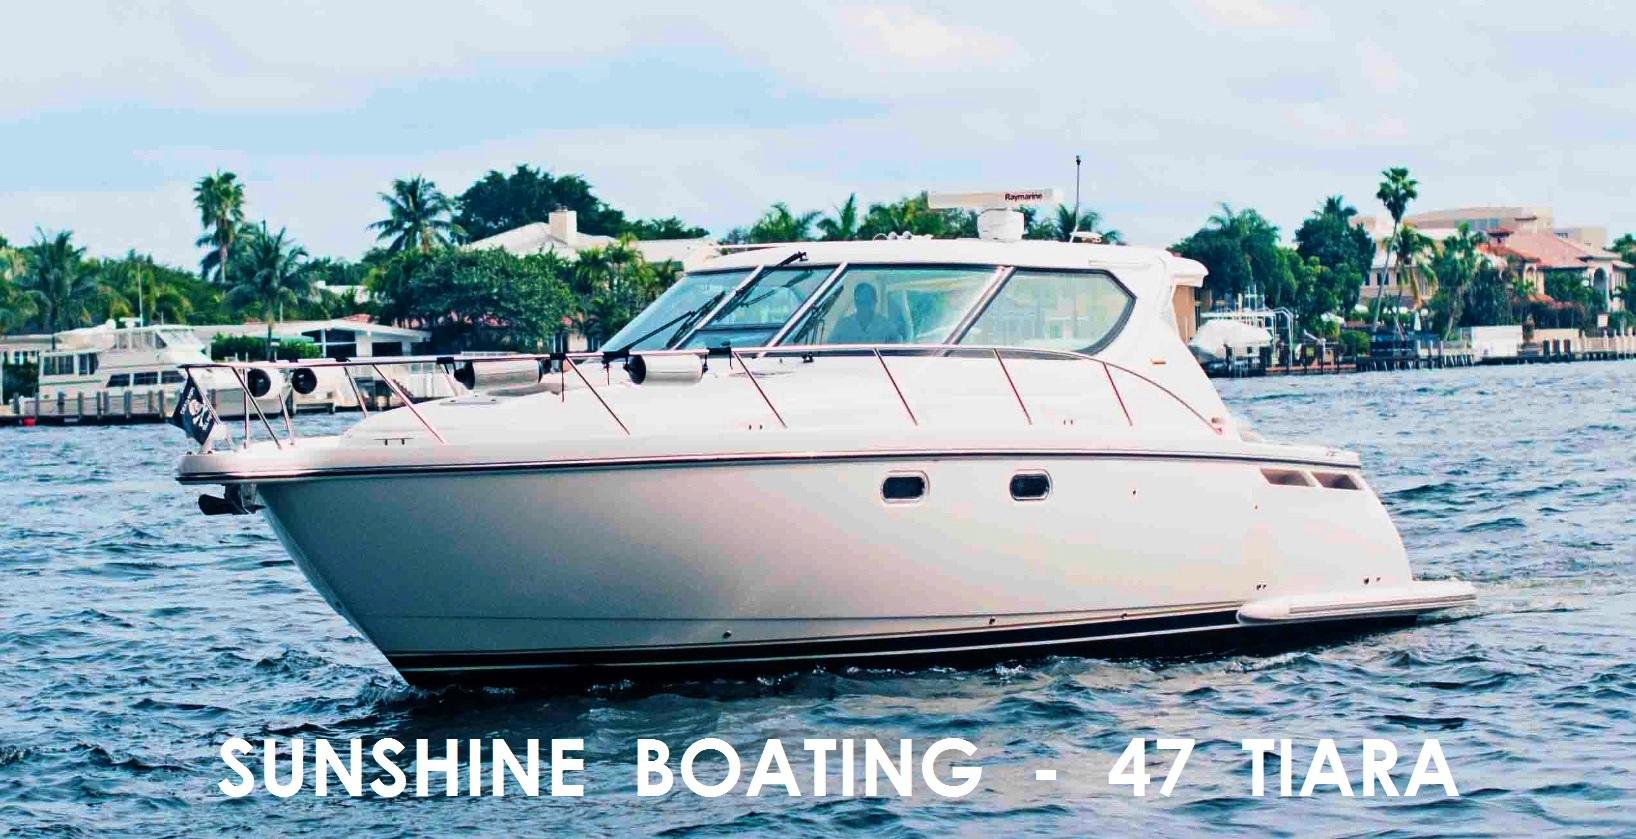 sunshine-boating-47-tiara-5